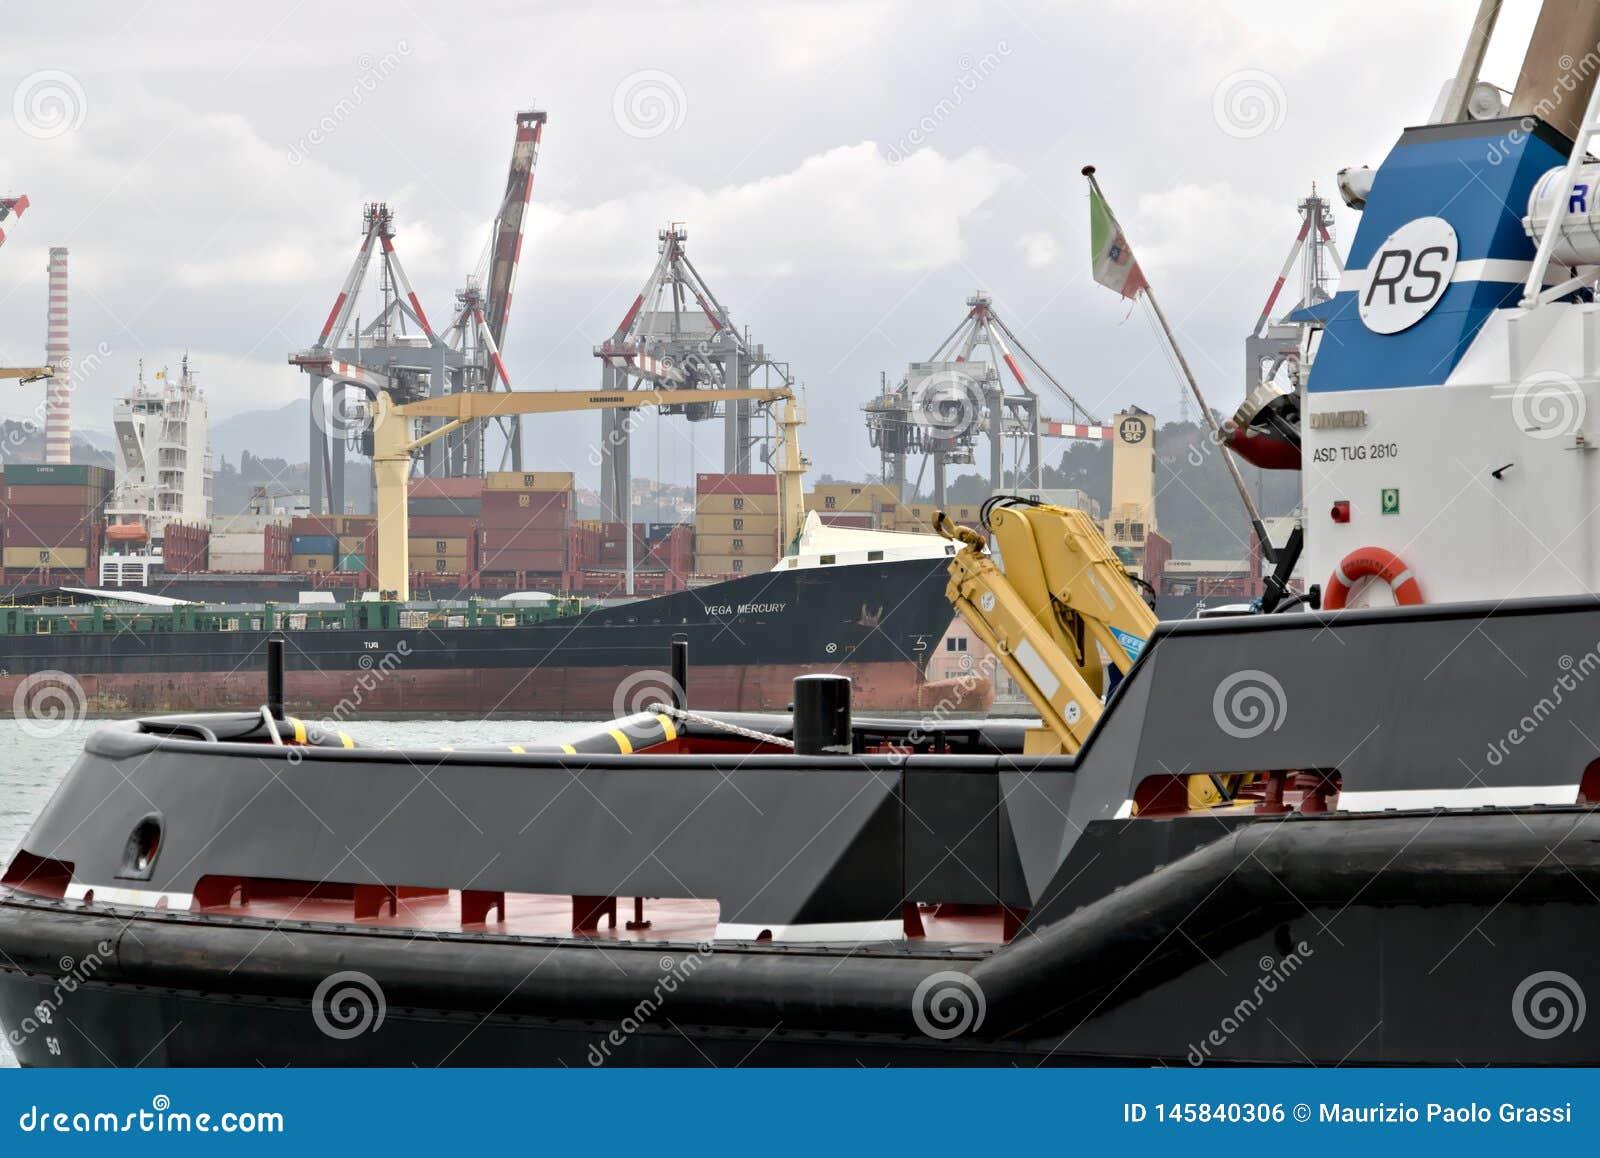 La Spezia, Ligurie, Italie 03/17/2019 Port marchand de La Spezia en Ligurie Dans le premier plan un bateau de la garde côtière